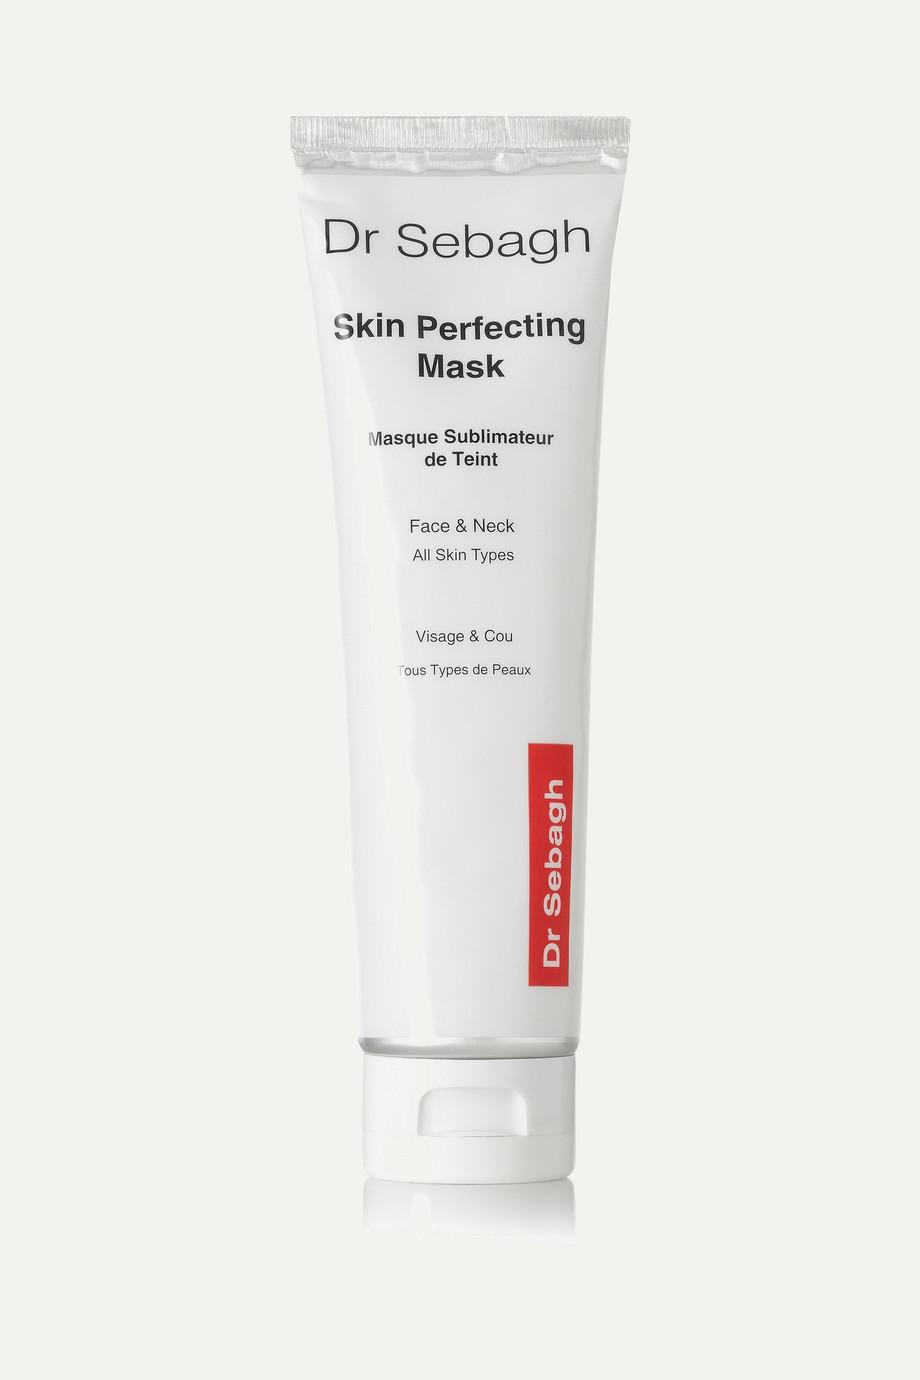 Dr Sebagh Skin Perfecting Mask, 150ml – Maske